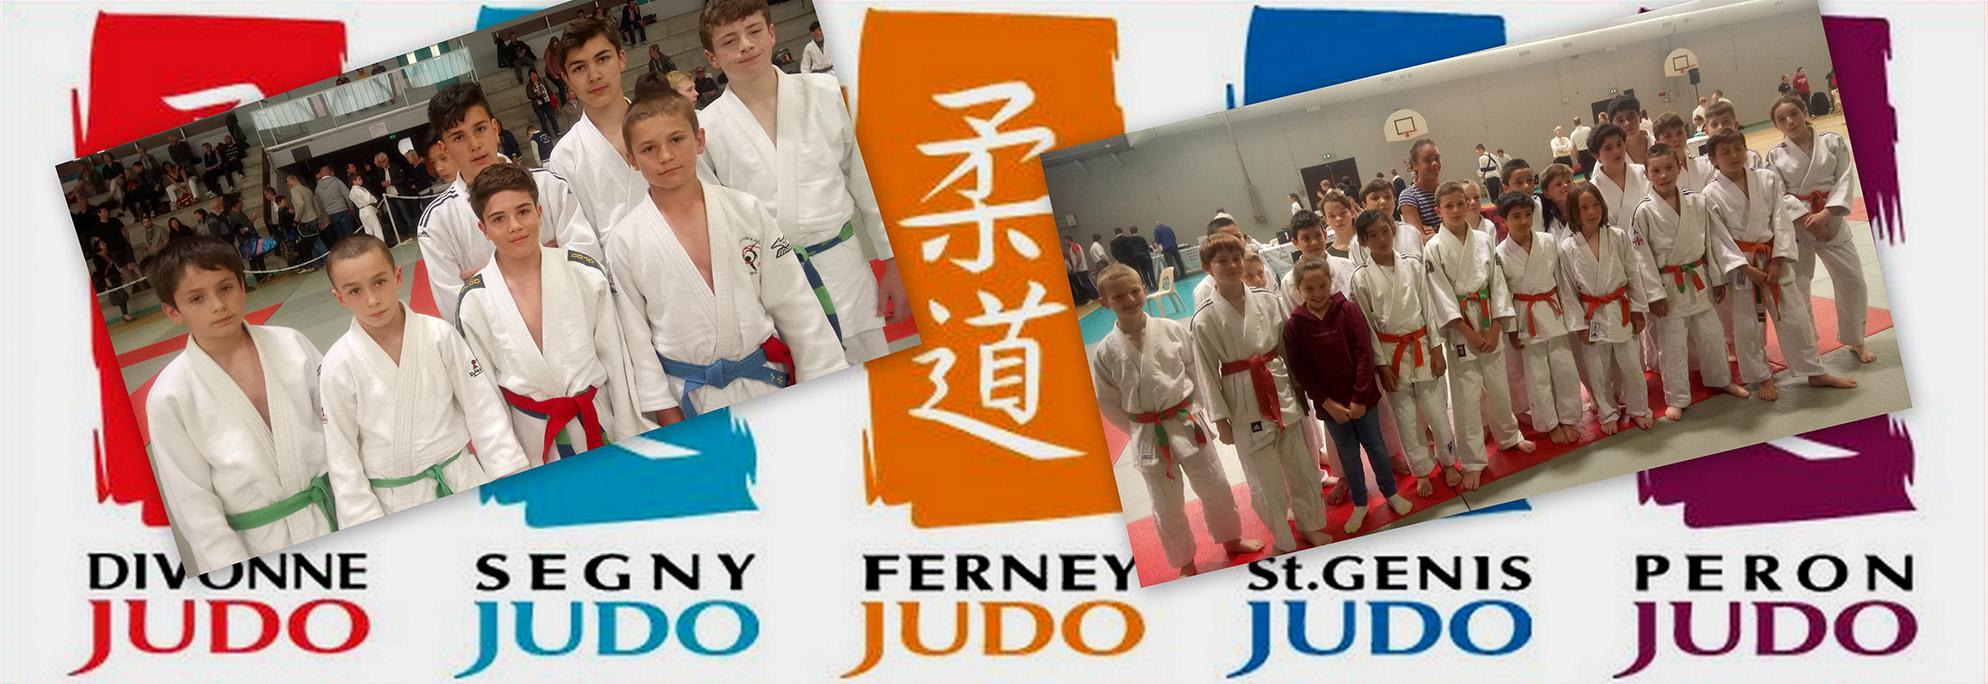 Homepage   Divonne Judo 9d302899aaf